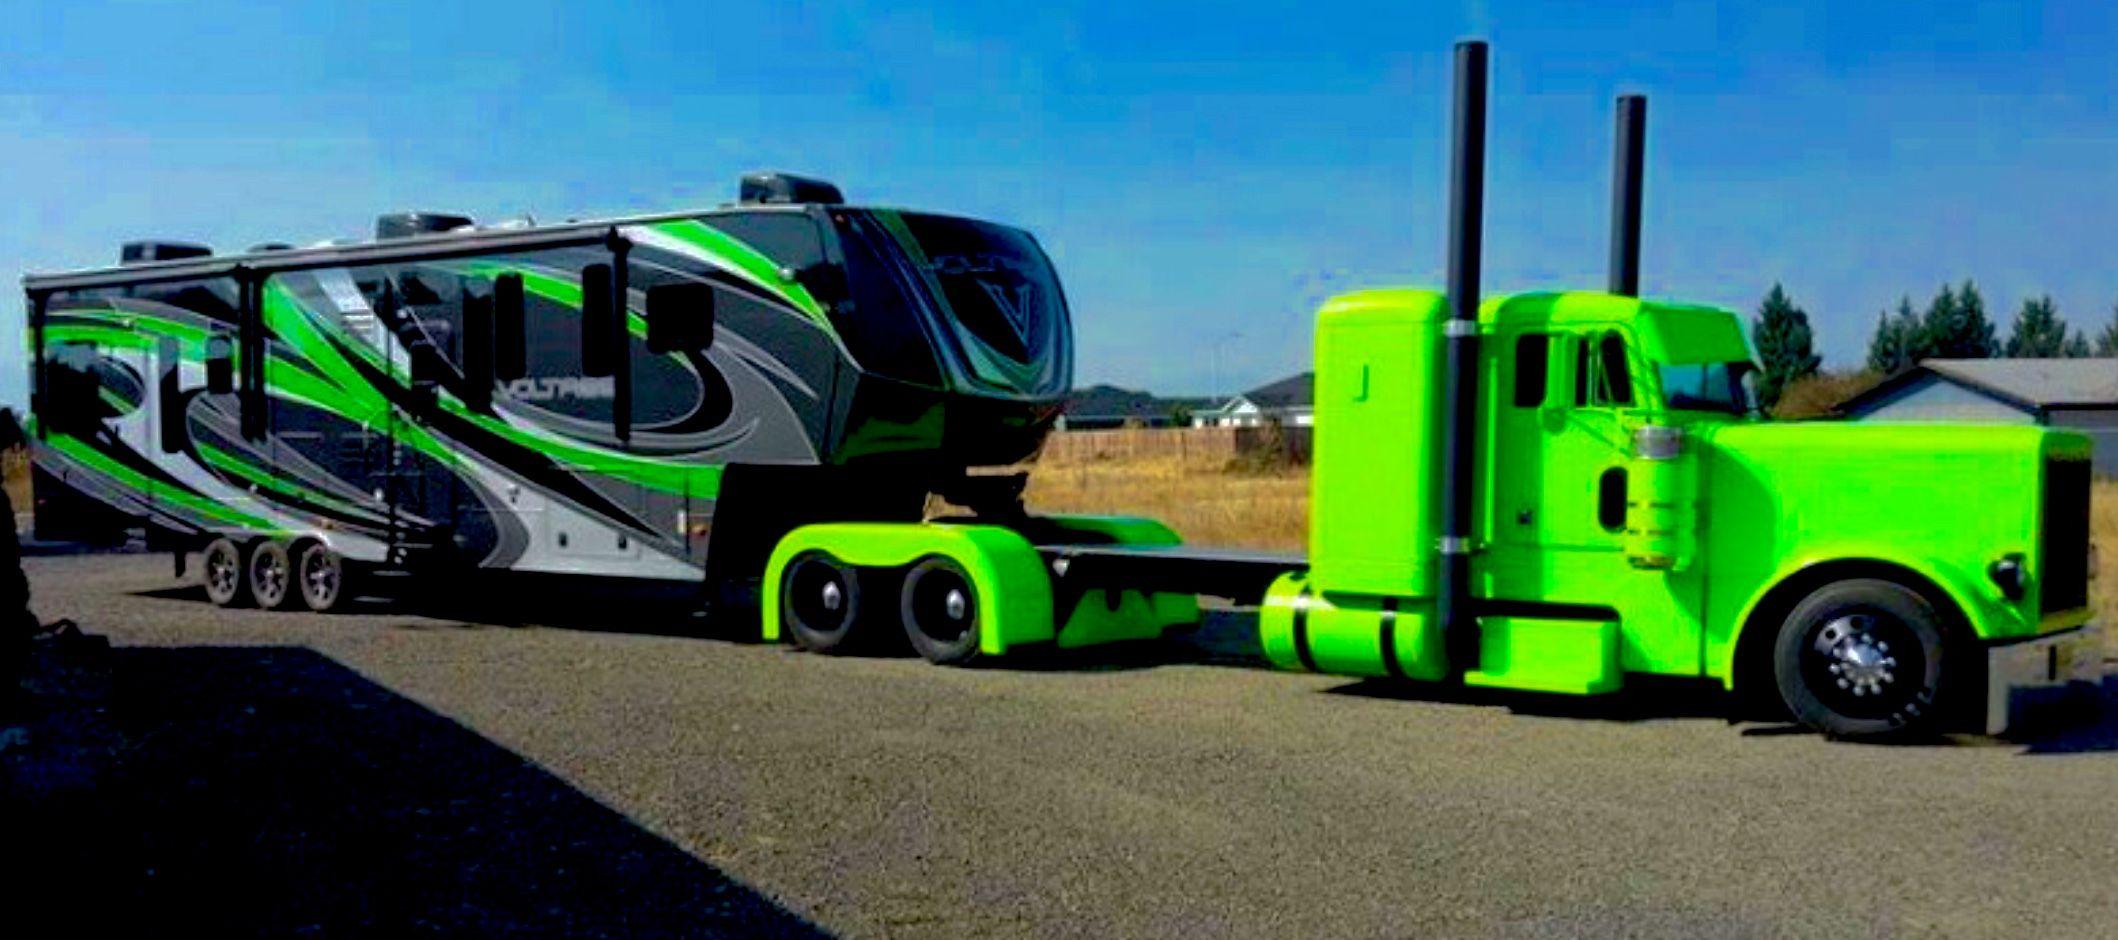 Classic Semi Truck Big Trucks Custom Big Rigs Big Rig Trucks